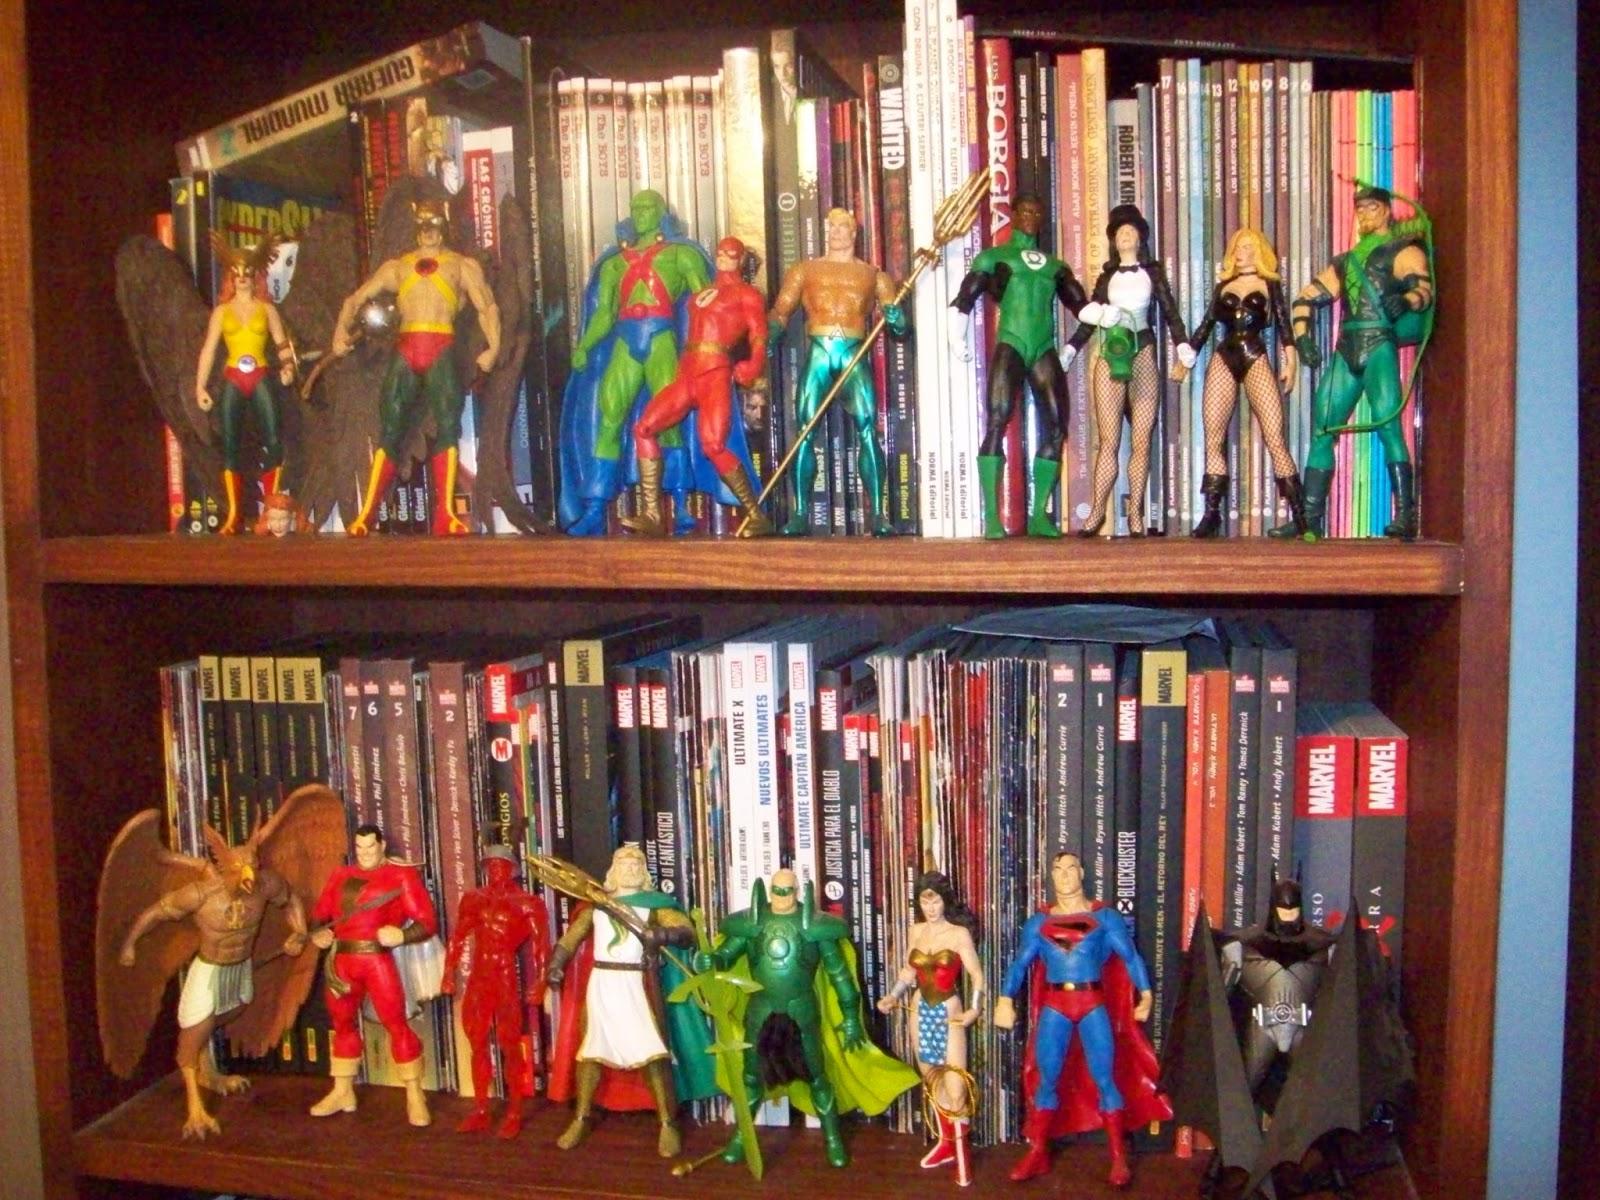 [COMICS] Colecciones de Comics ¿Quién la tiene más grande?  - Página 6 100_5474